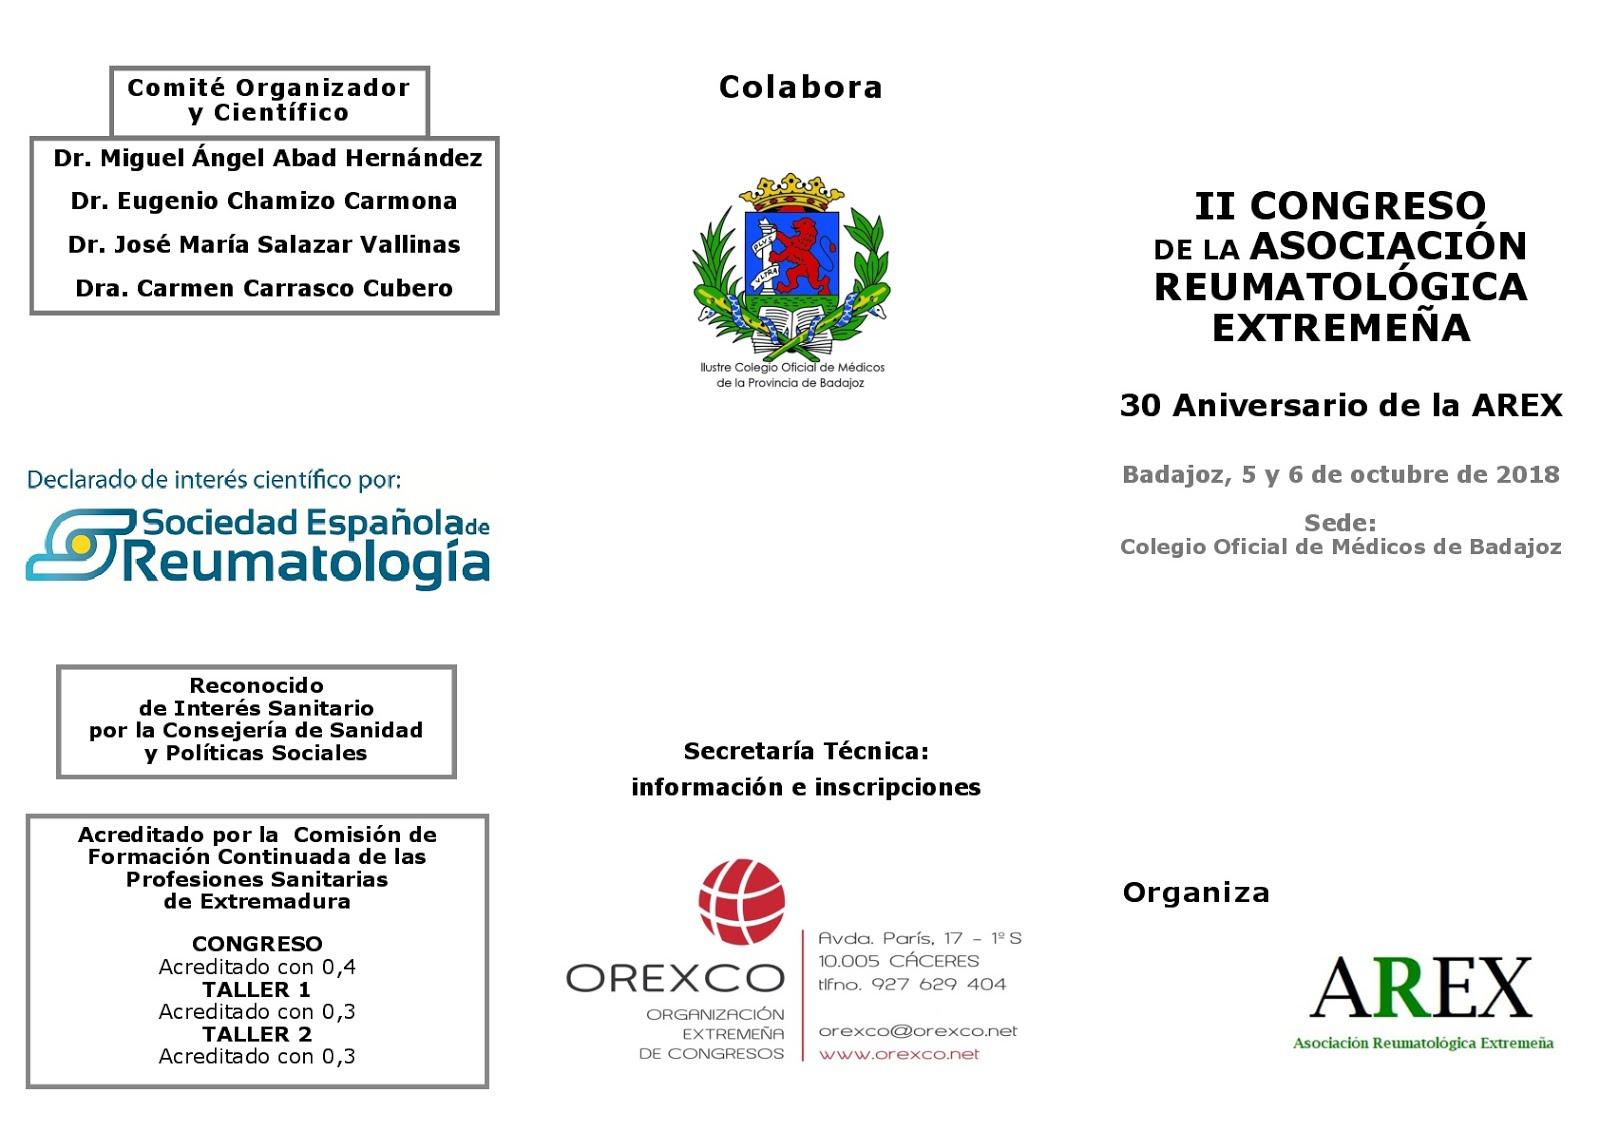 II CONGRESO DE LA ASOCIACIÓN REUMATOLÓGICA EXTREMEÑA